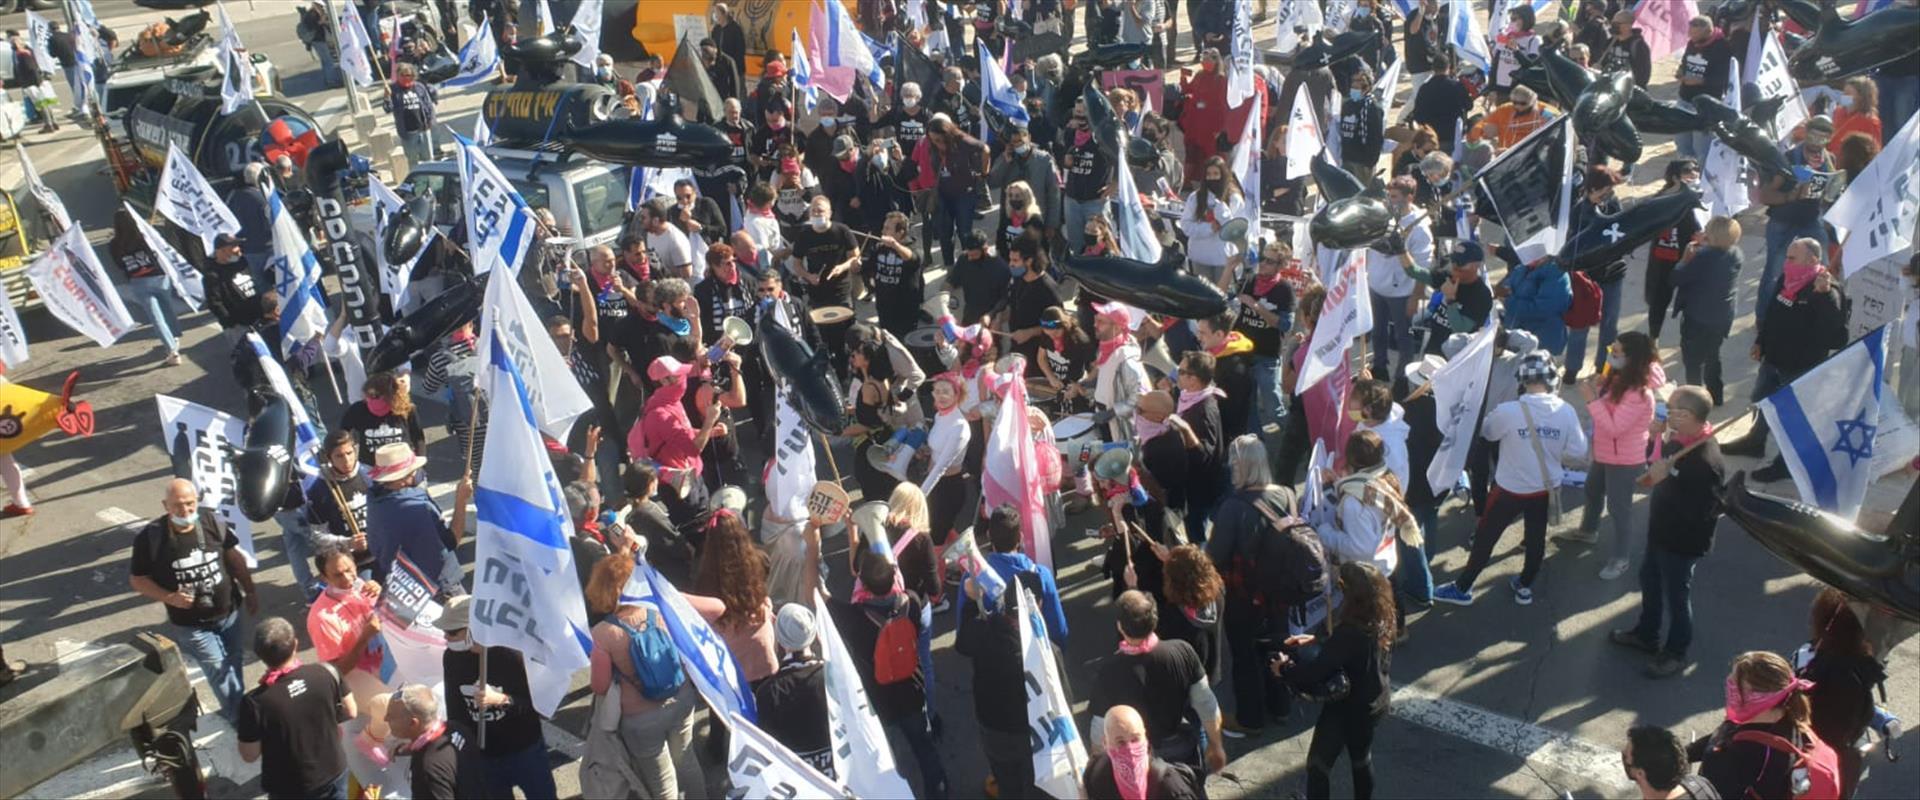 הפגנה מחוץ לבית המשפט העליון